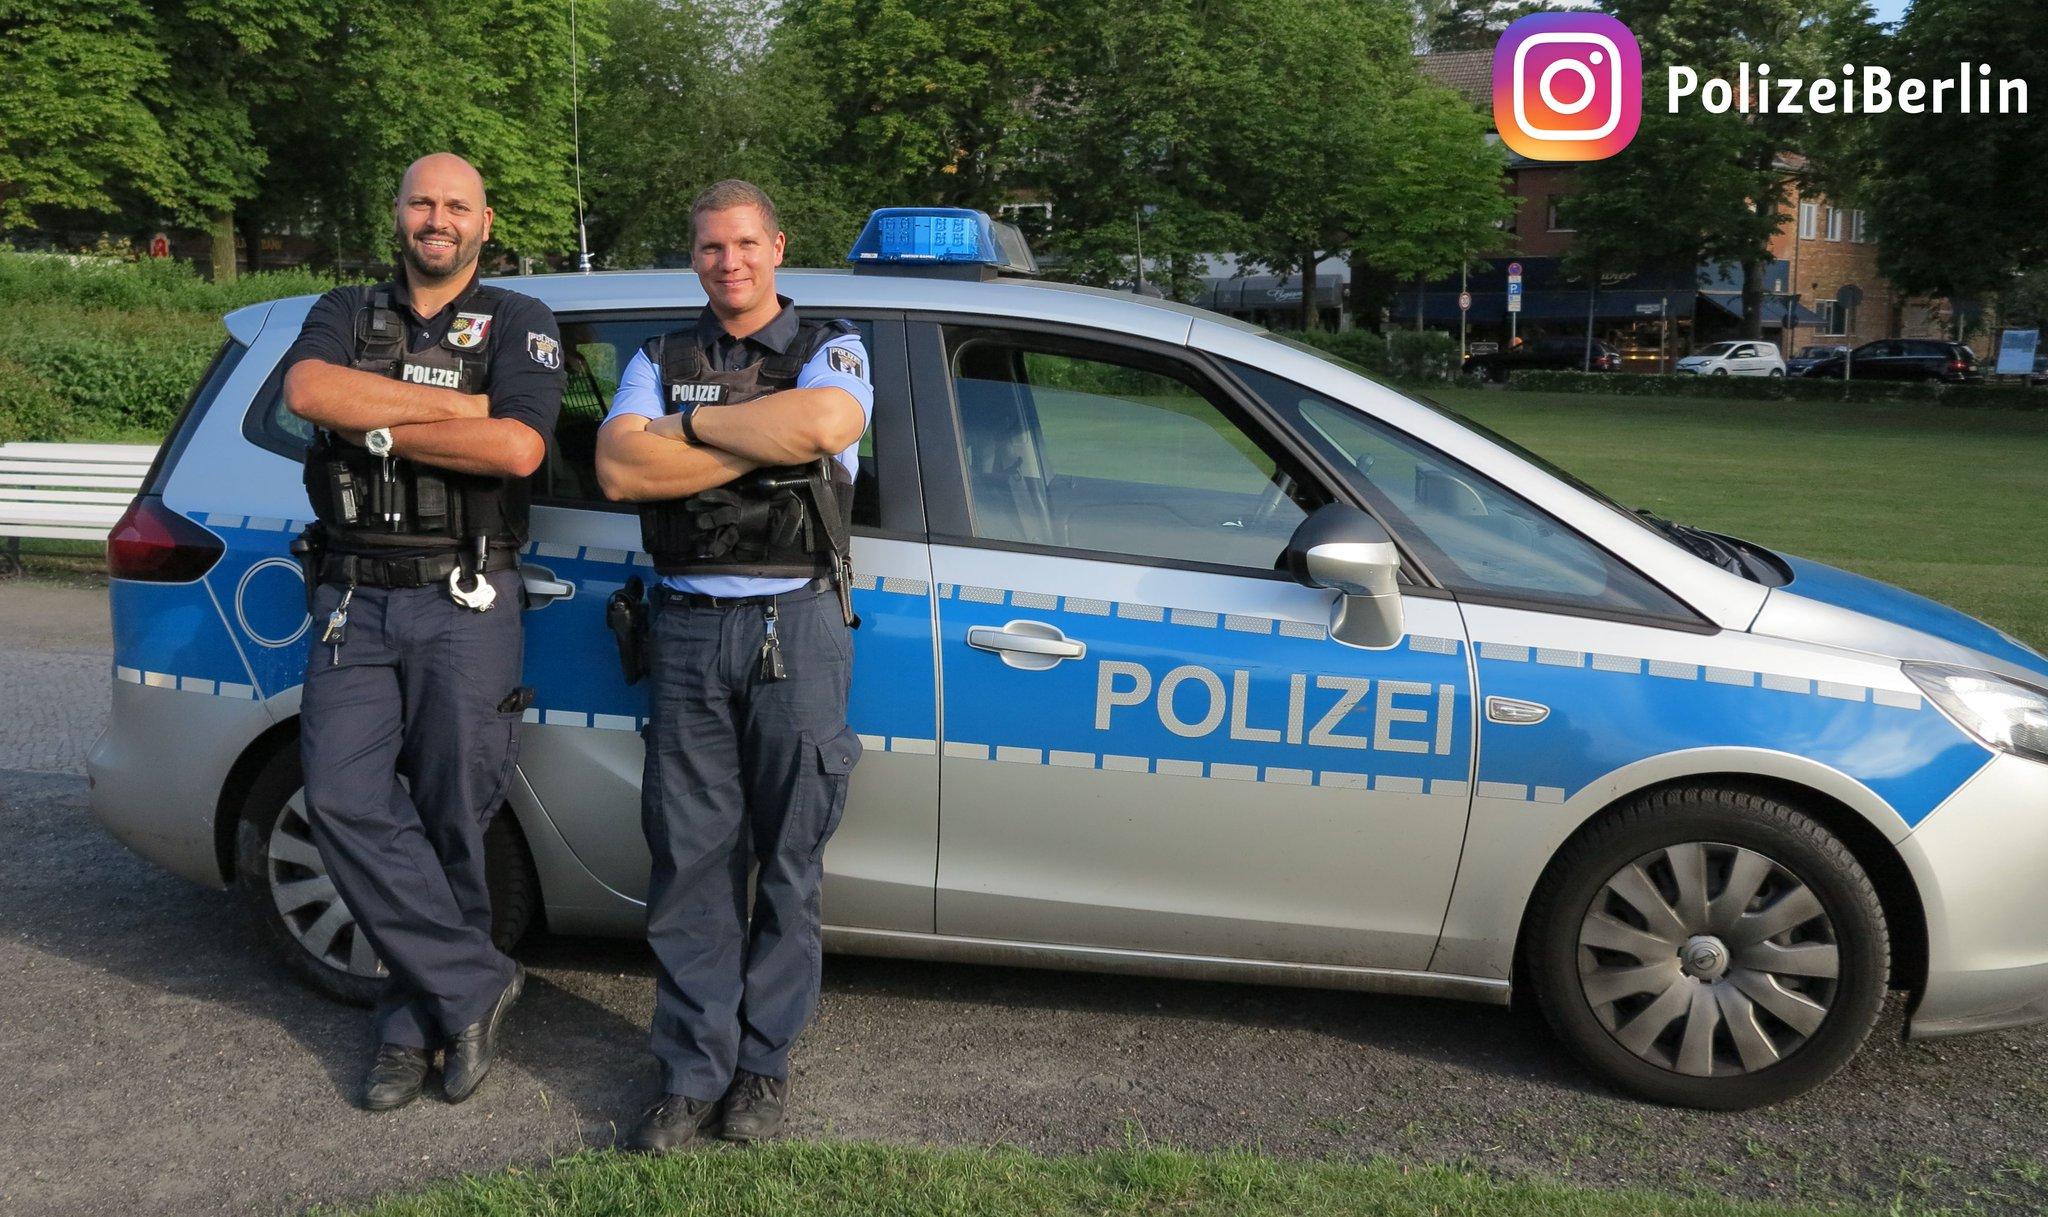 Polizei Berlin Instagram